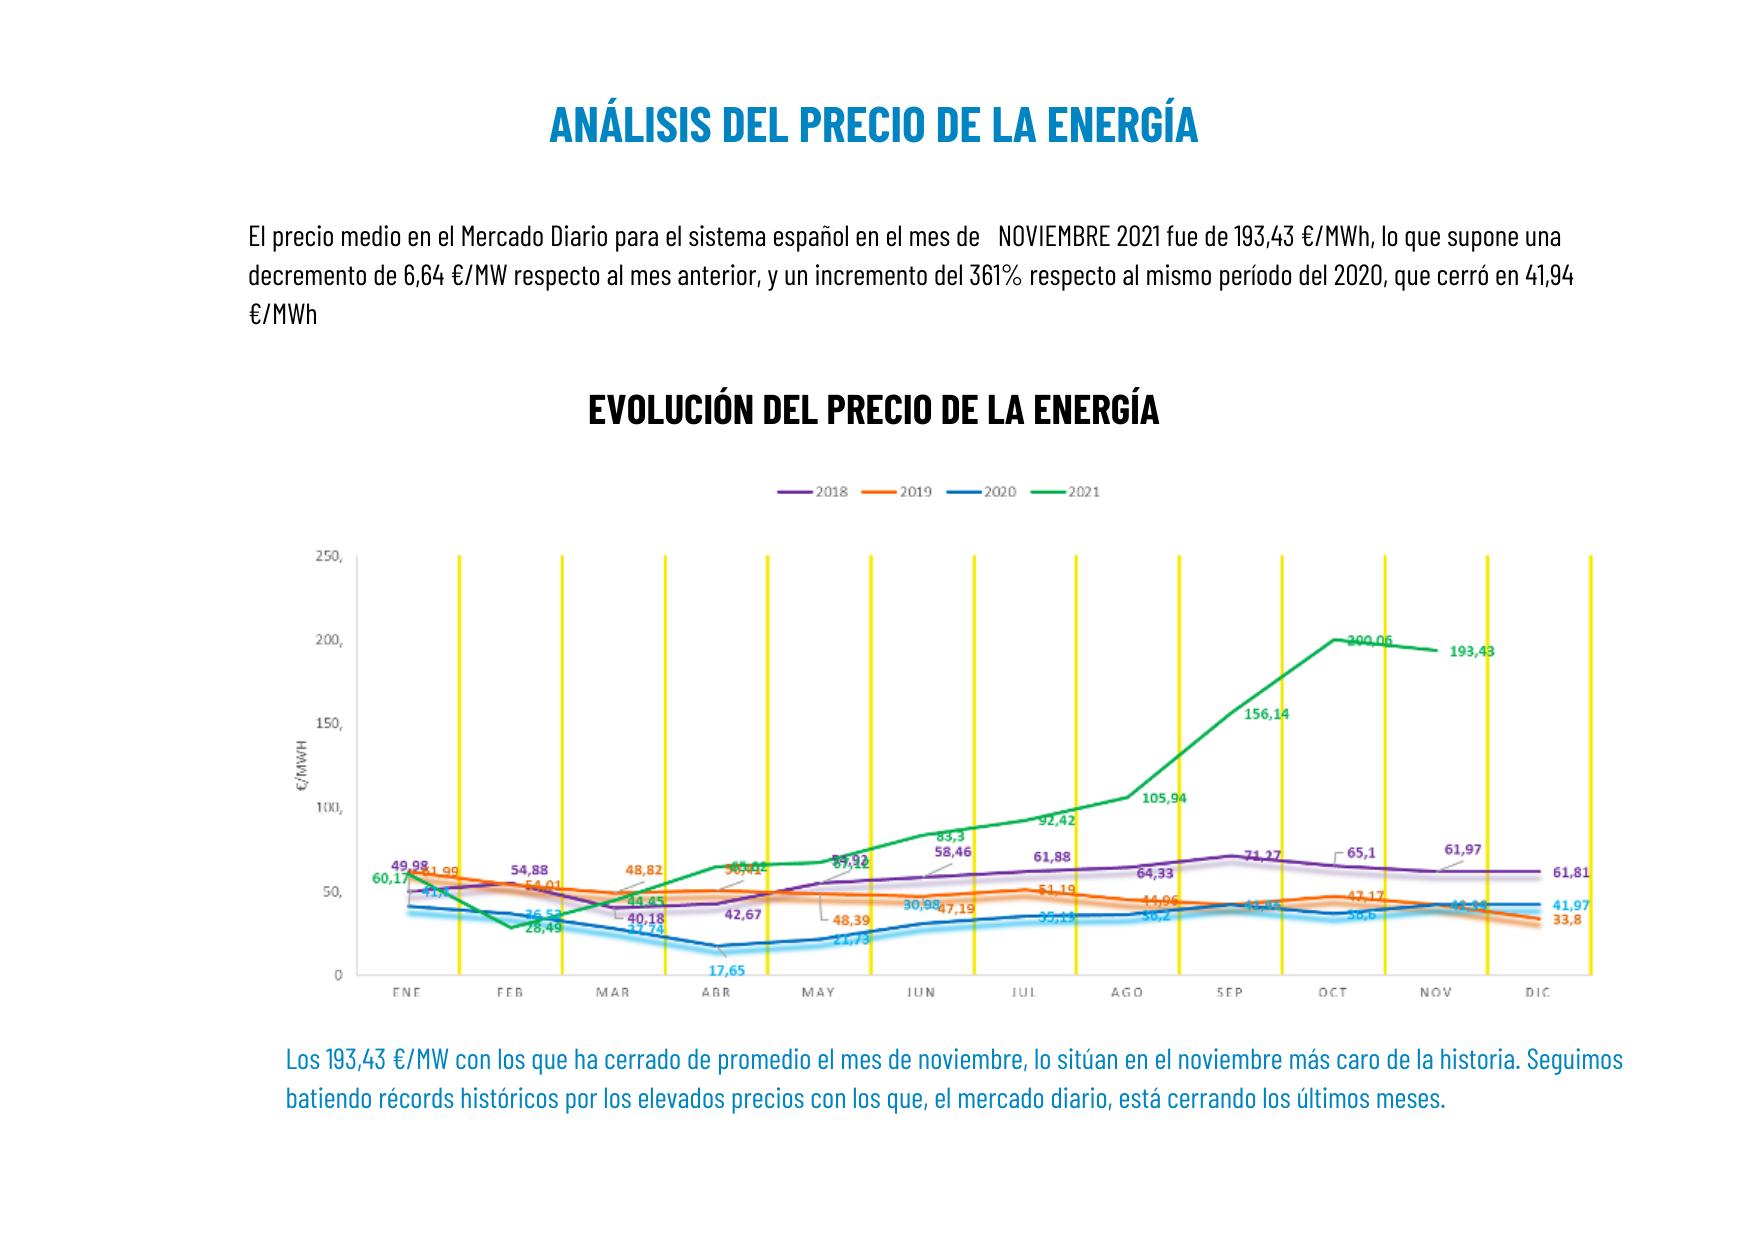 Gráfica evolución del precio de lanería